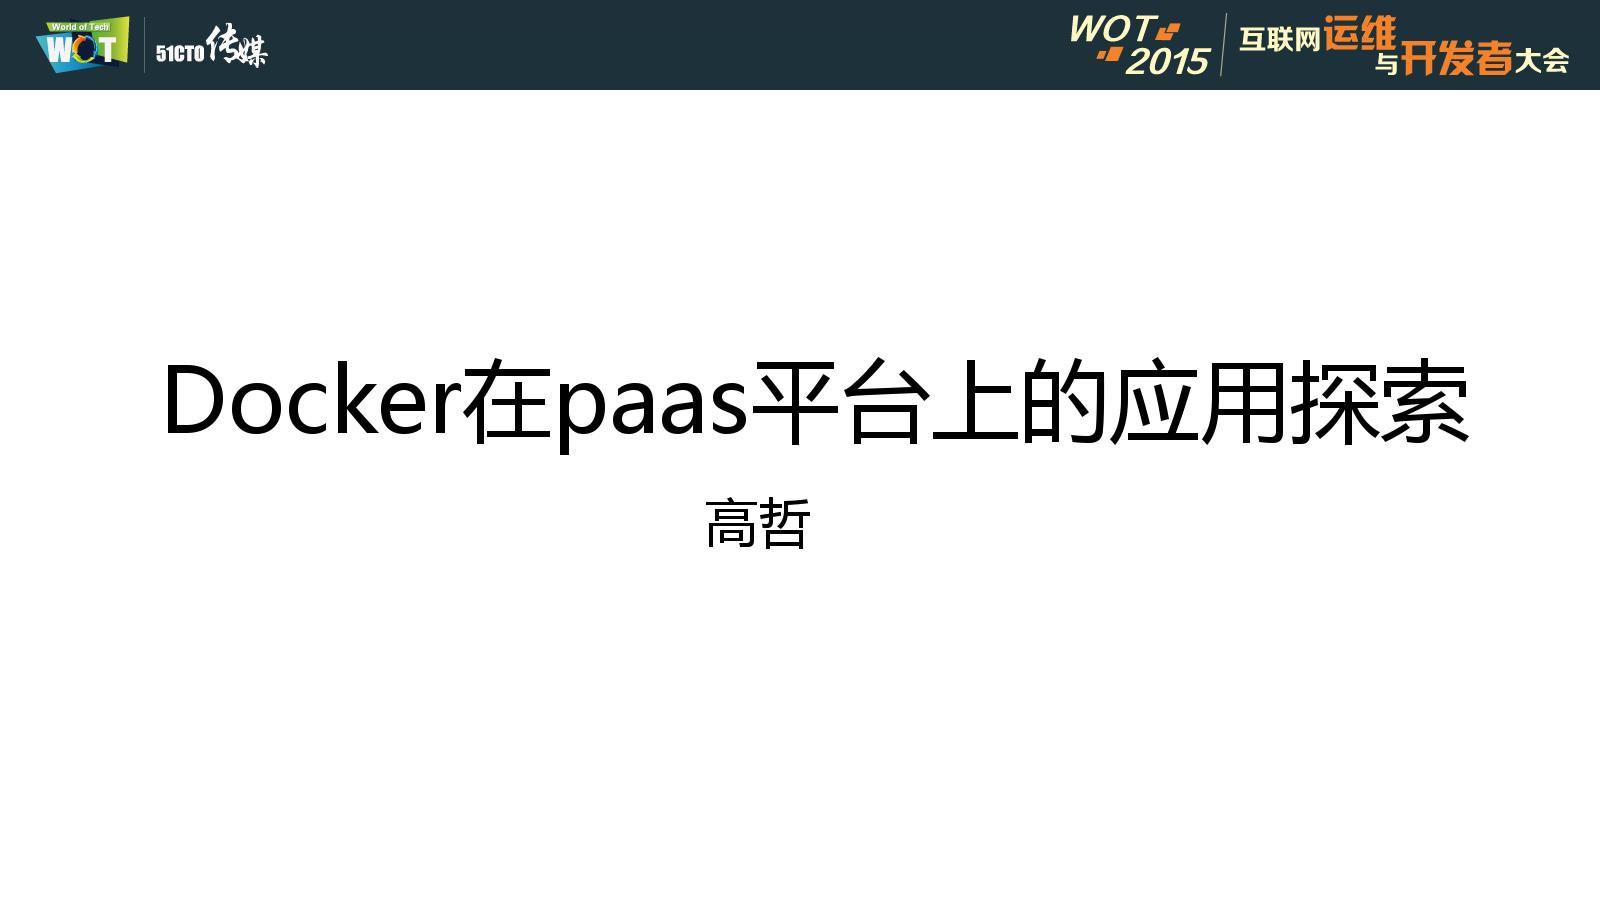 高哲-Docker在 paas平台上的应用探索